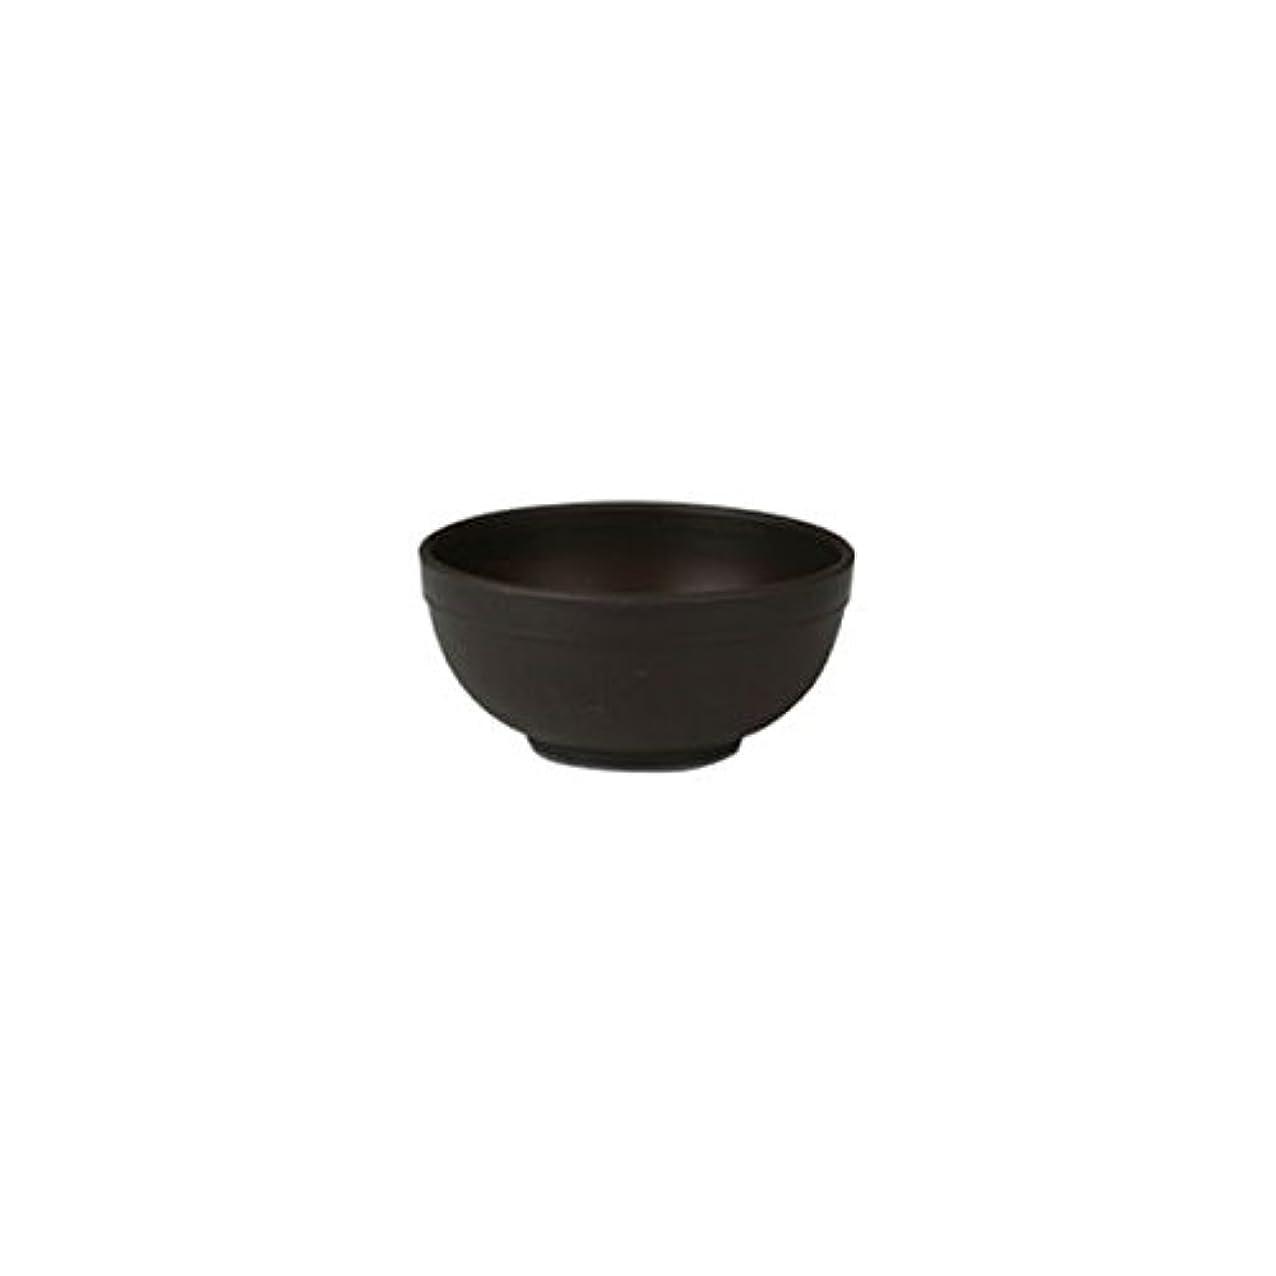 かみそりでるクライストチャーチマイスター カラーボウル (Sサイズ) 直径6.5cm ブラウン [ カラーボール プラスチックボウル プラスチックボール カップボウル カップボール エステ サロン プラスチック ボウル カップ 割れない 歯科 ]